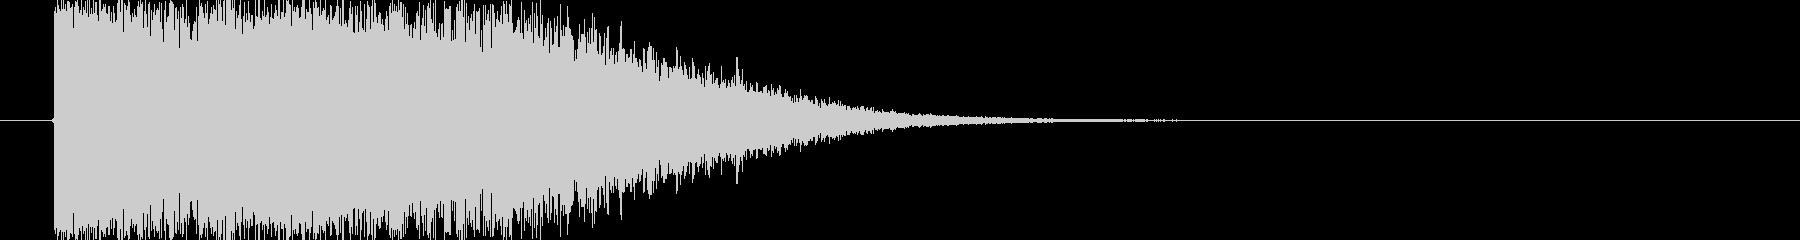 エネルギー放射(m0262)の未再生の波形